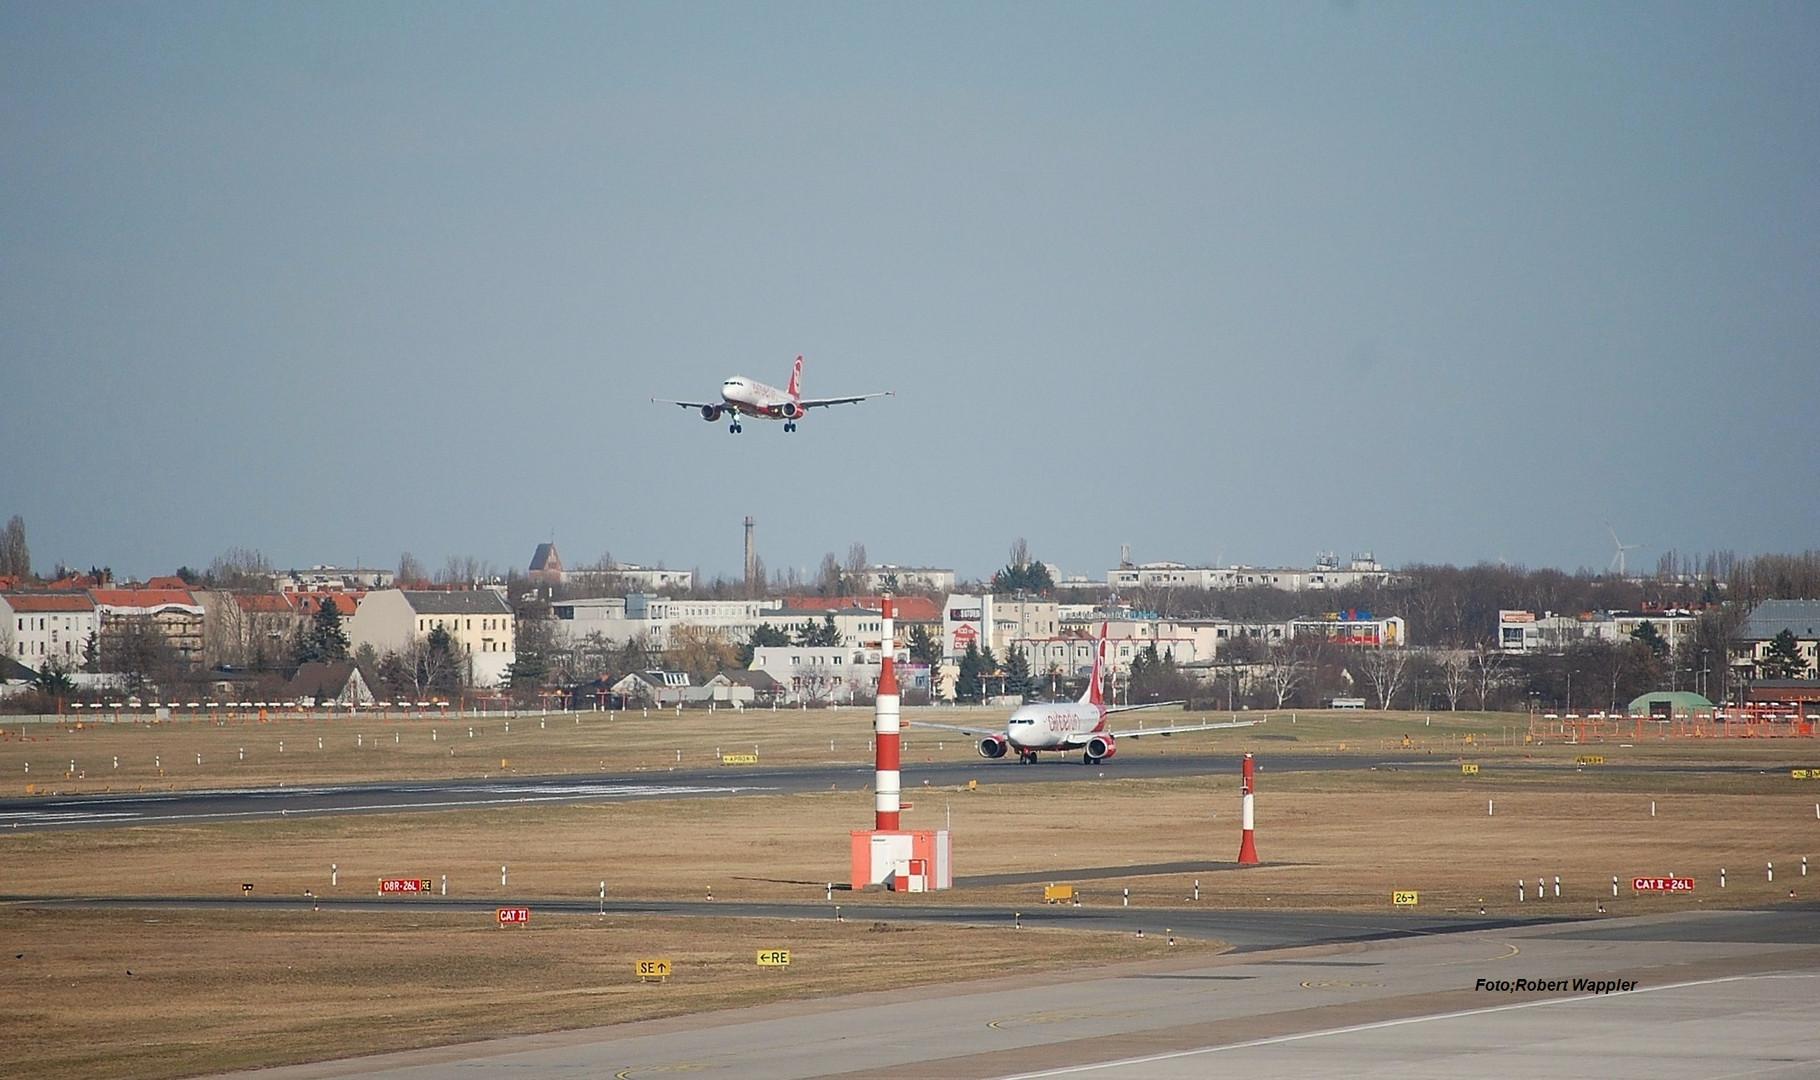 2 Air Berlin Flugzeuge bei Start & Landeanflug auf den Flughafen in Berlin-Tegel